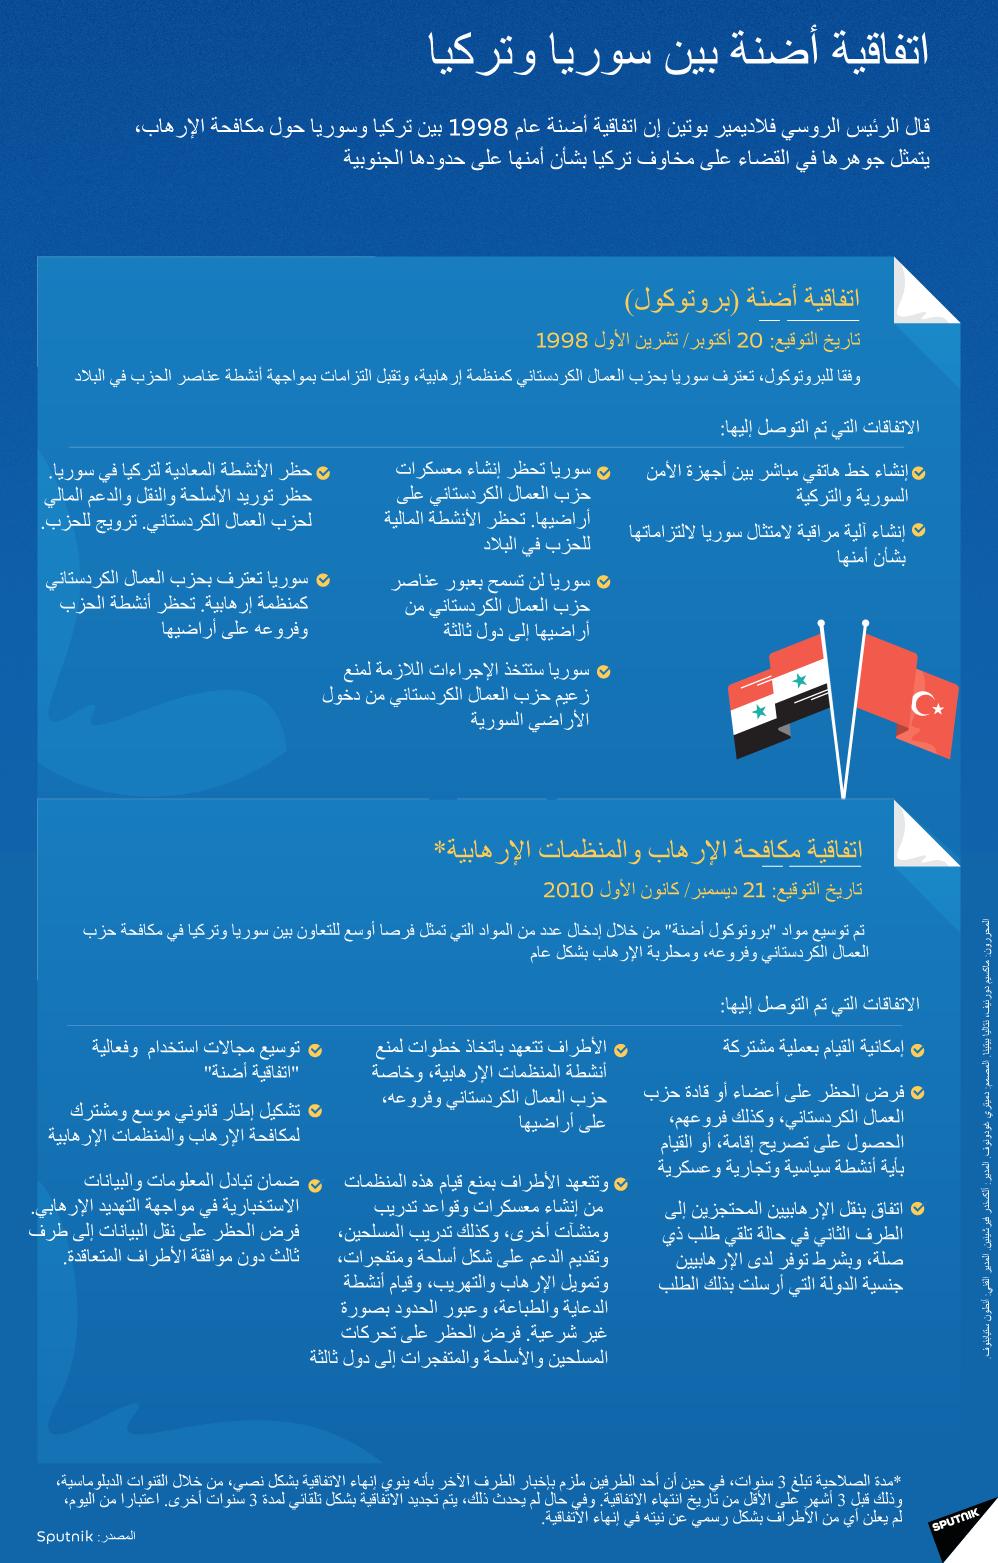 اتفاقية أضنة بين سوريا وتركيا